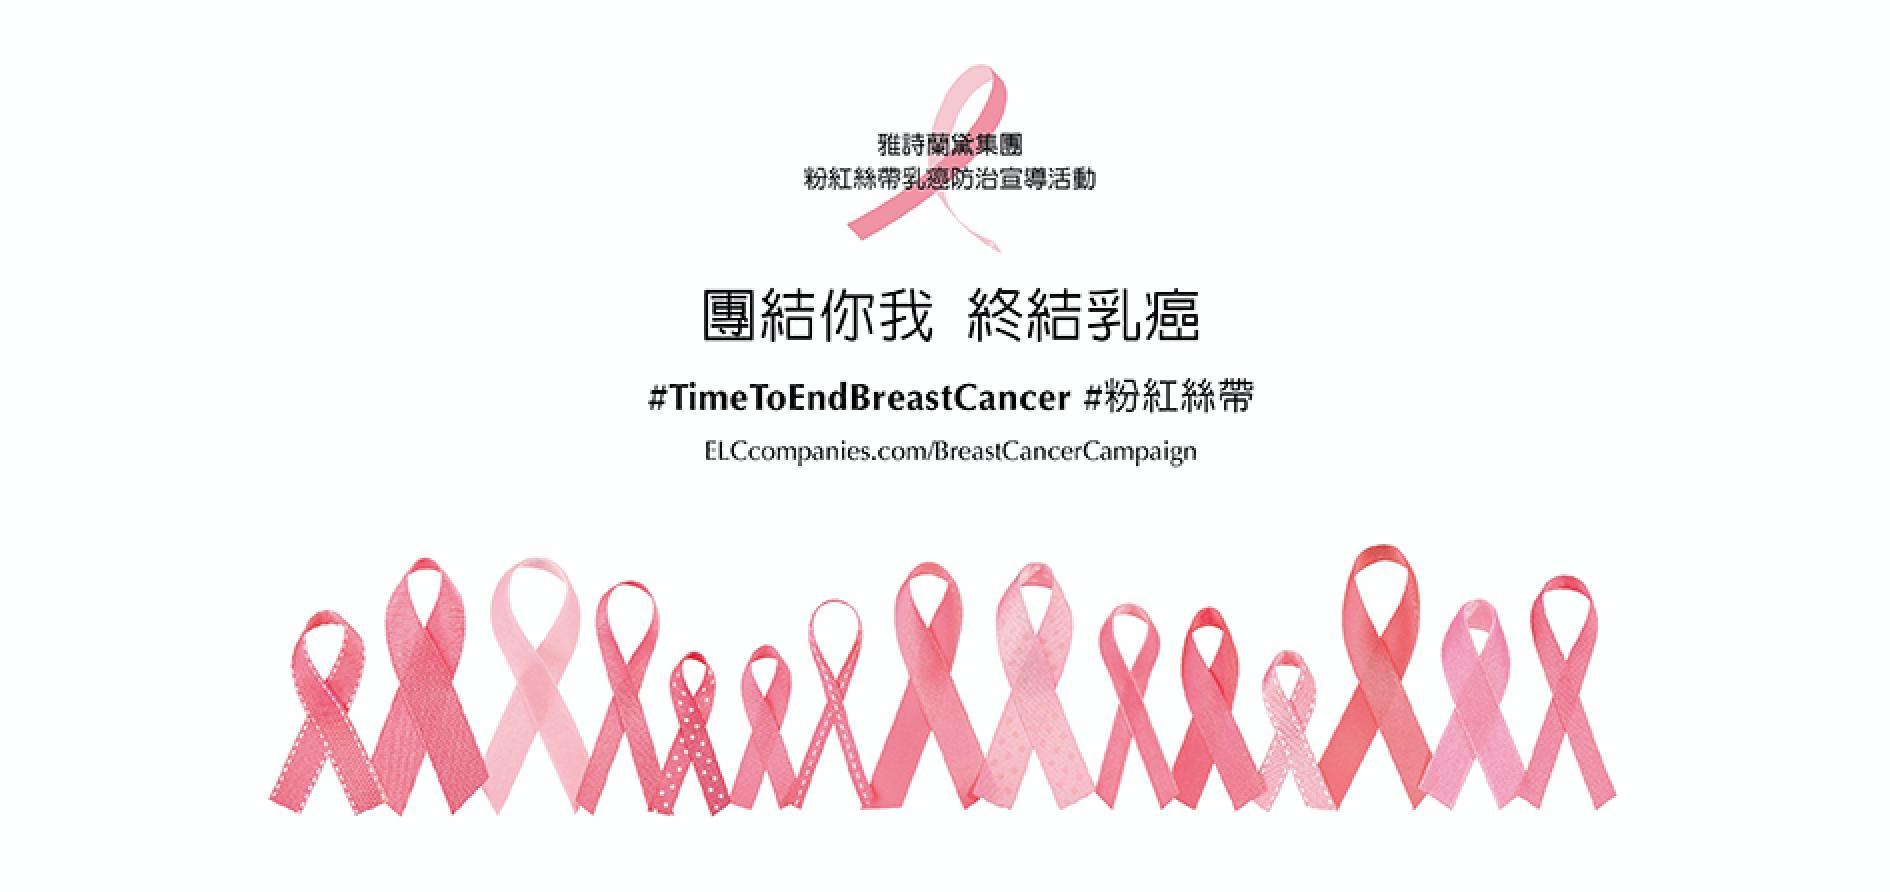 =雅詩蘭黛集團2019年乳癌防治宣導活動 在希望中團結你我